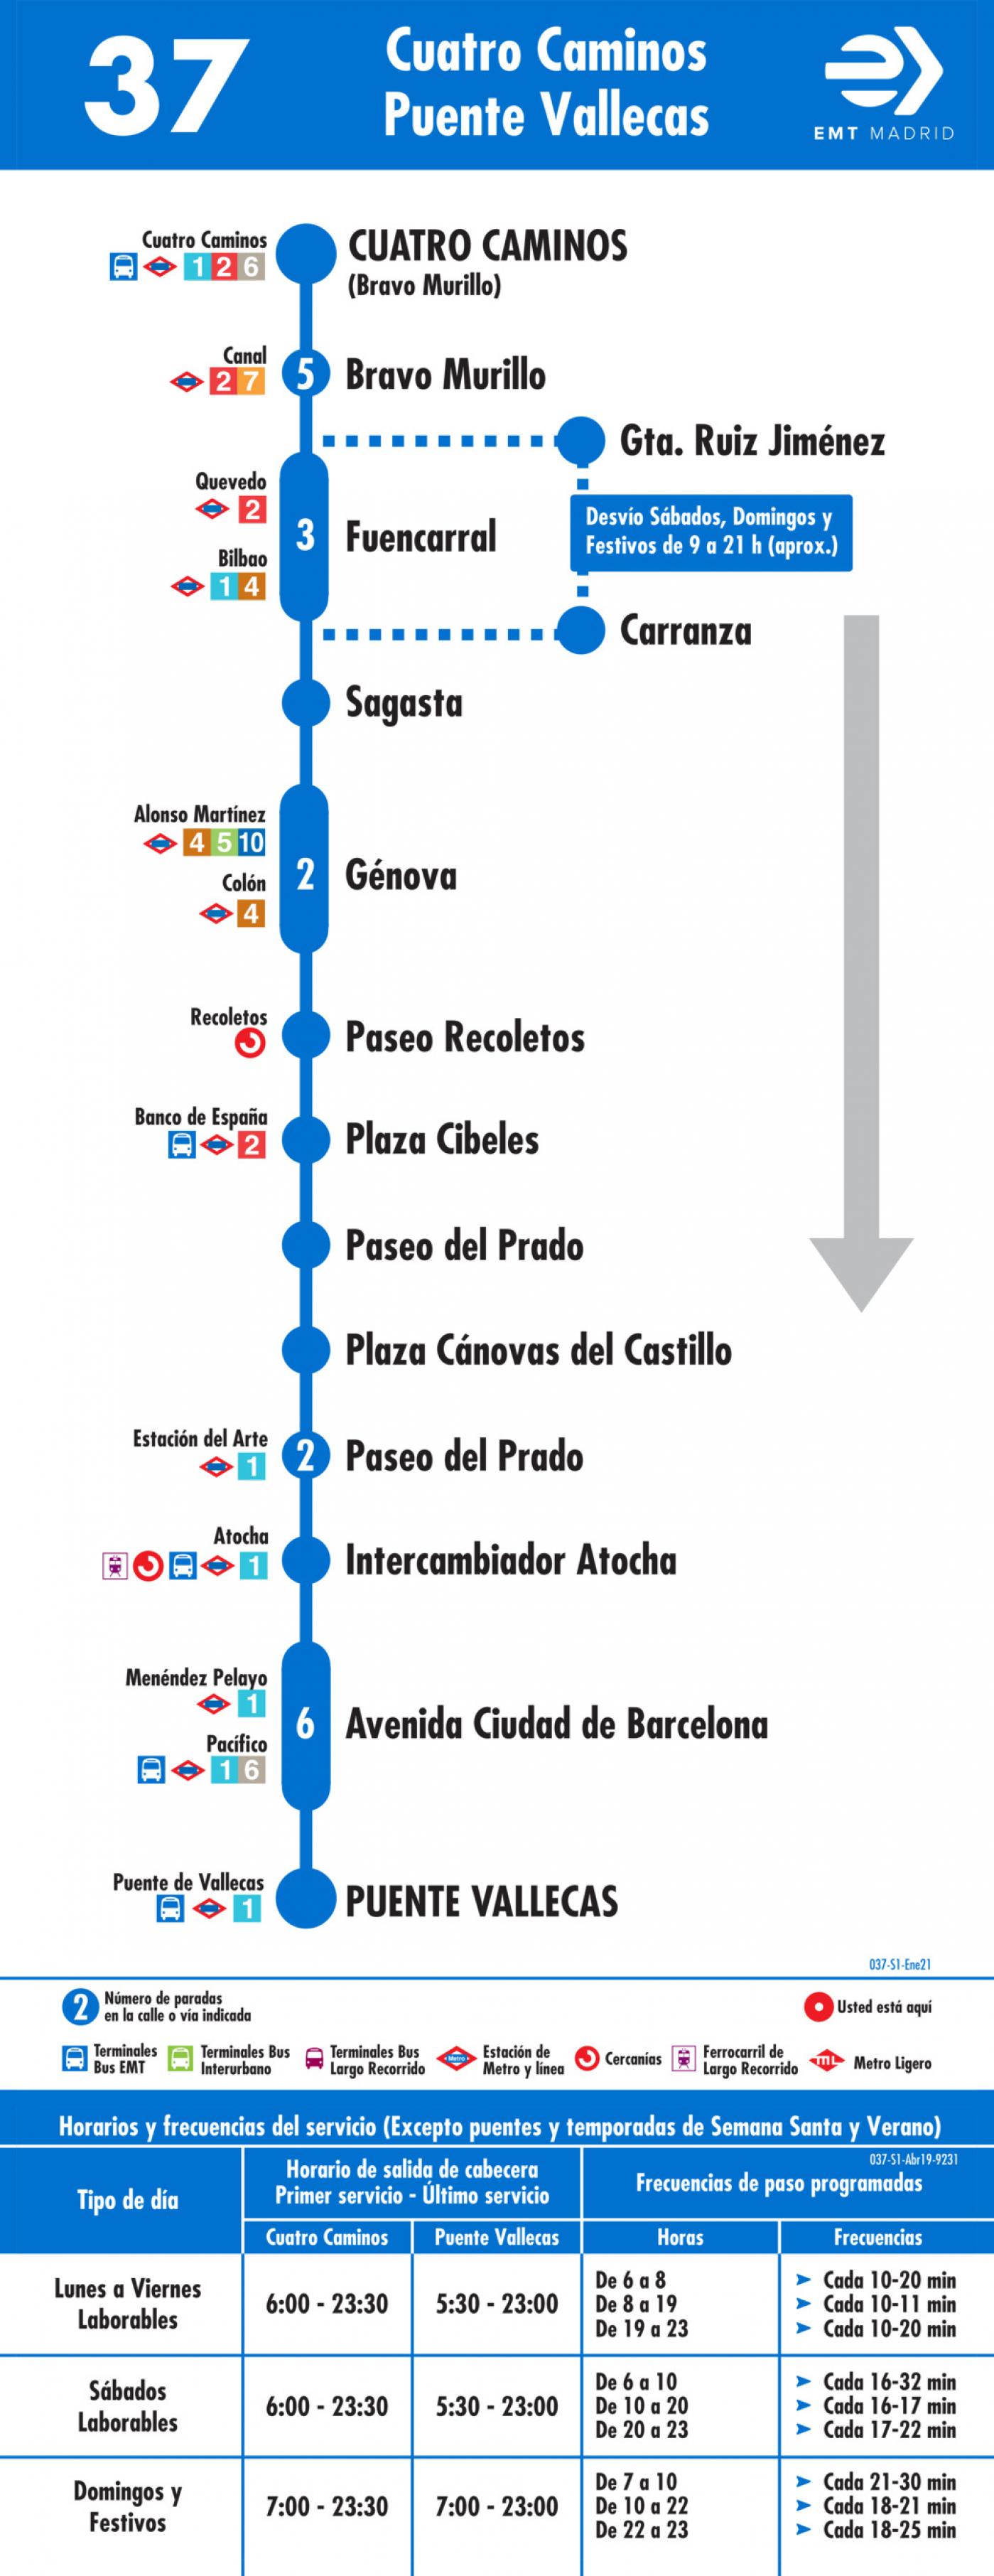 Tabla de horarios y frecuencias de paso en sentido ida Línea 37: Glorieta de Cuatro Caminos - Puente de Vallecas